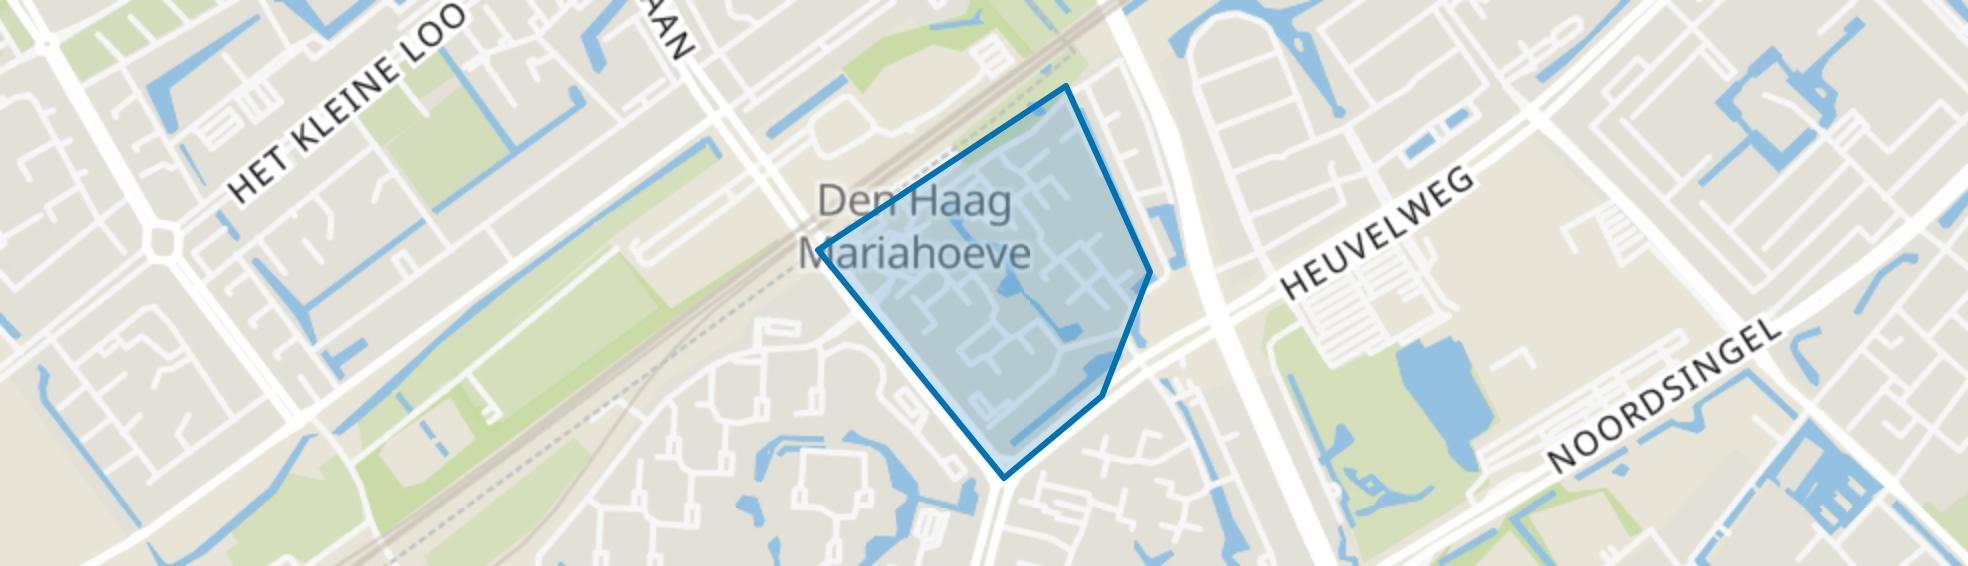 Essesteijn / Gaarden, Voorburg map